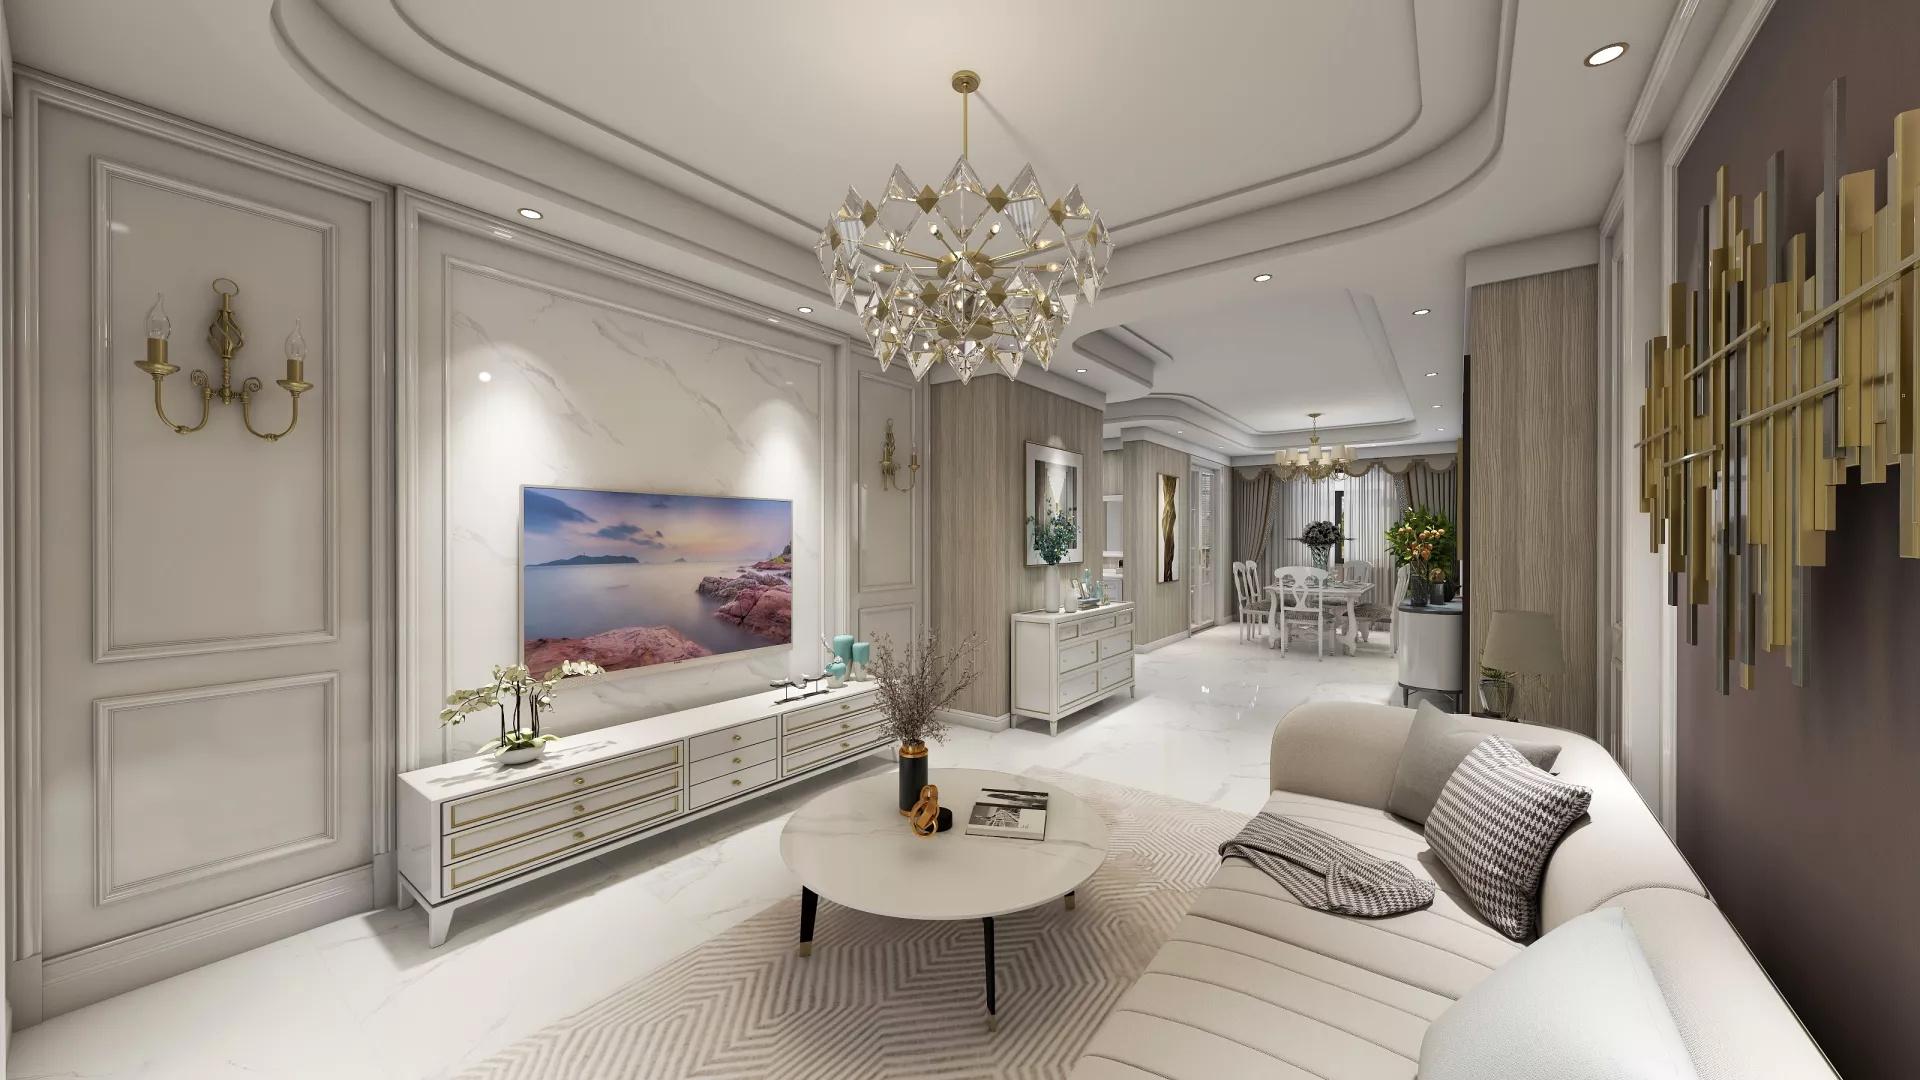 九江市远大装饰设计工程有限公司